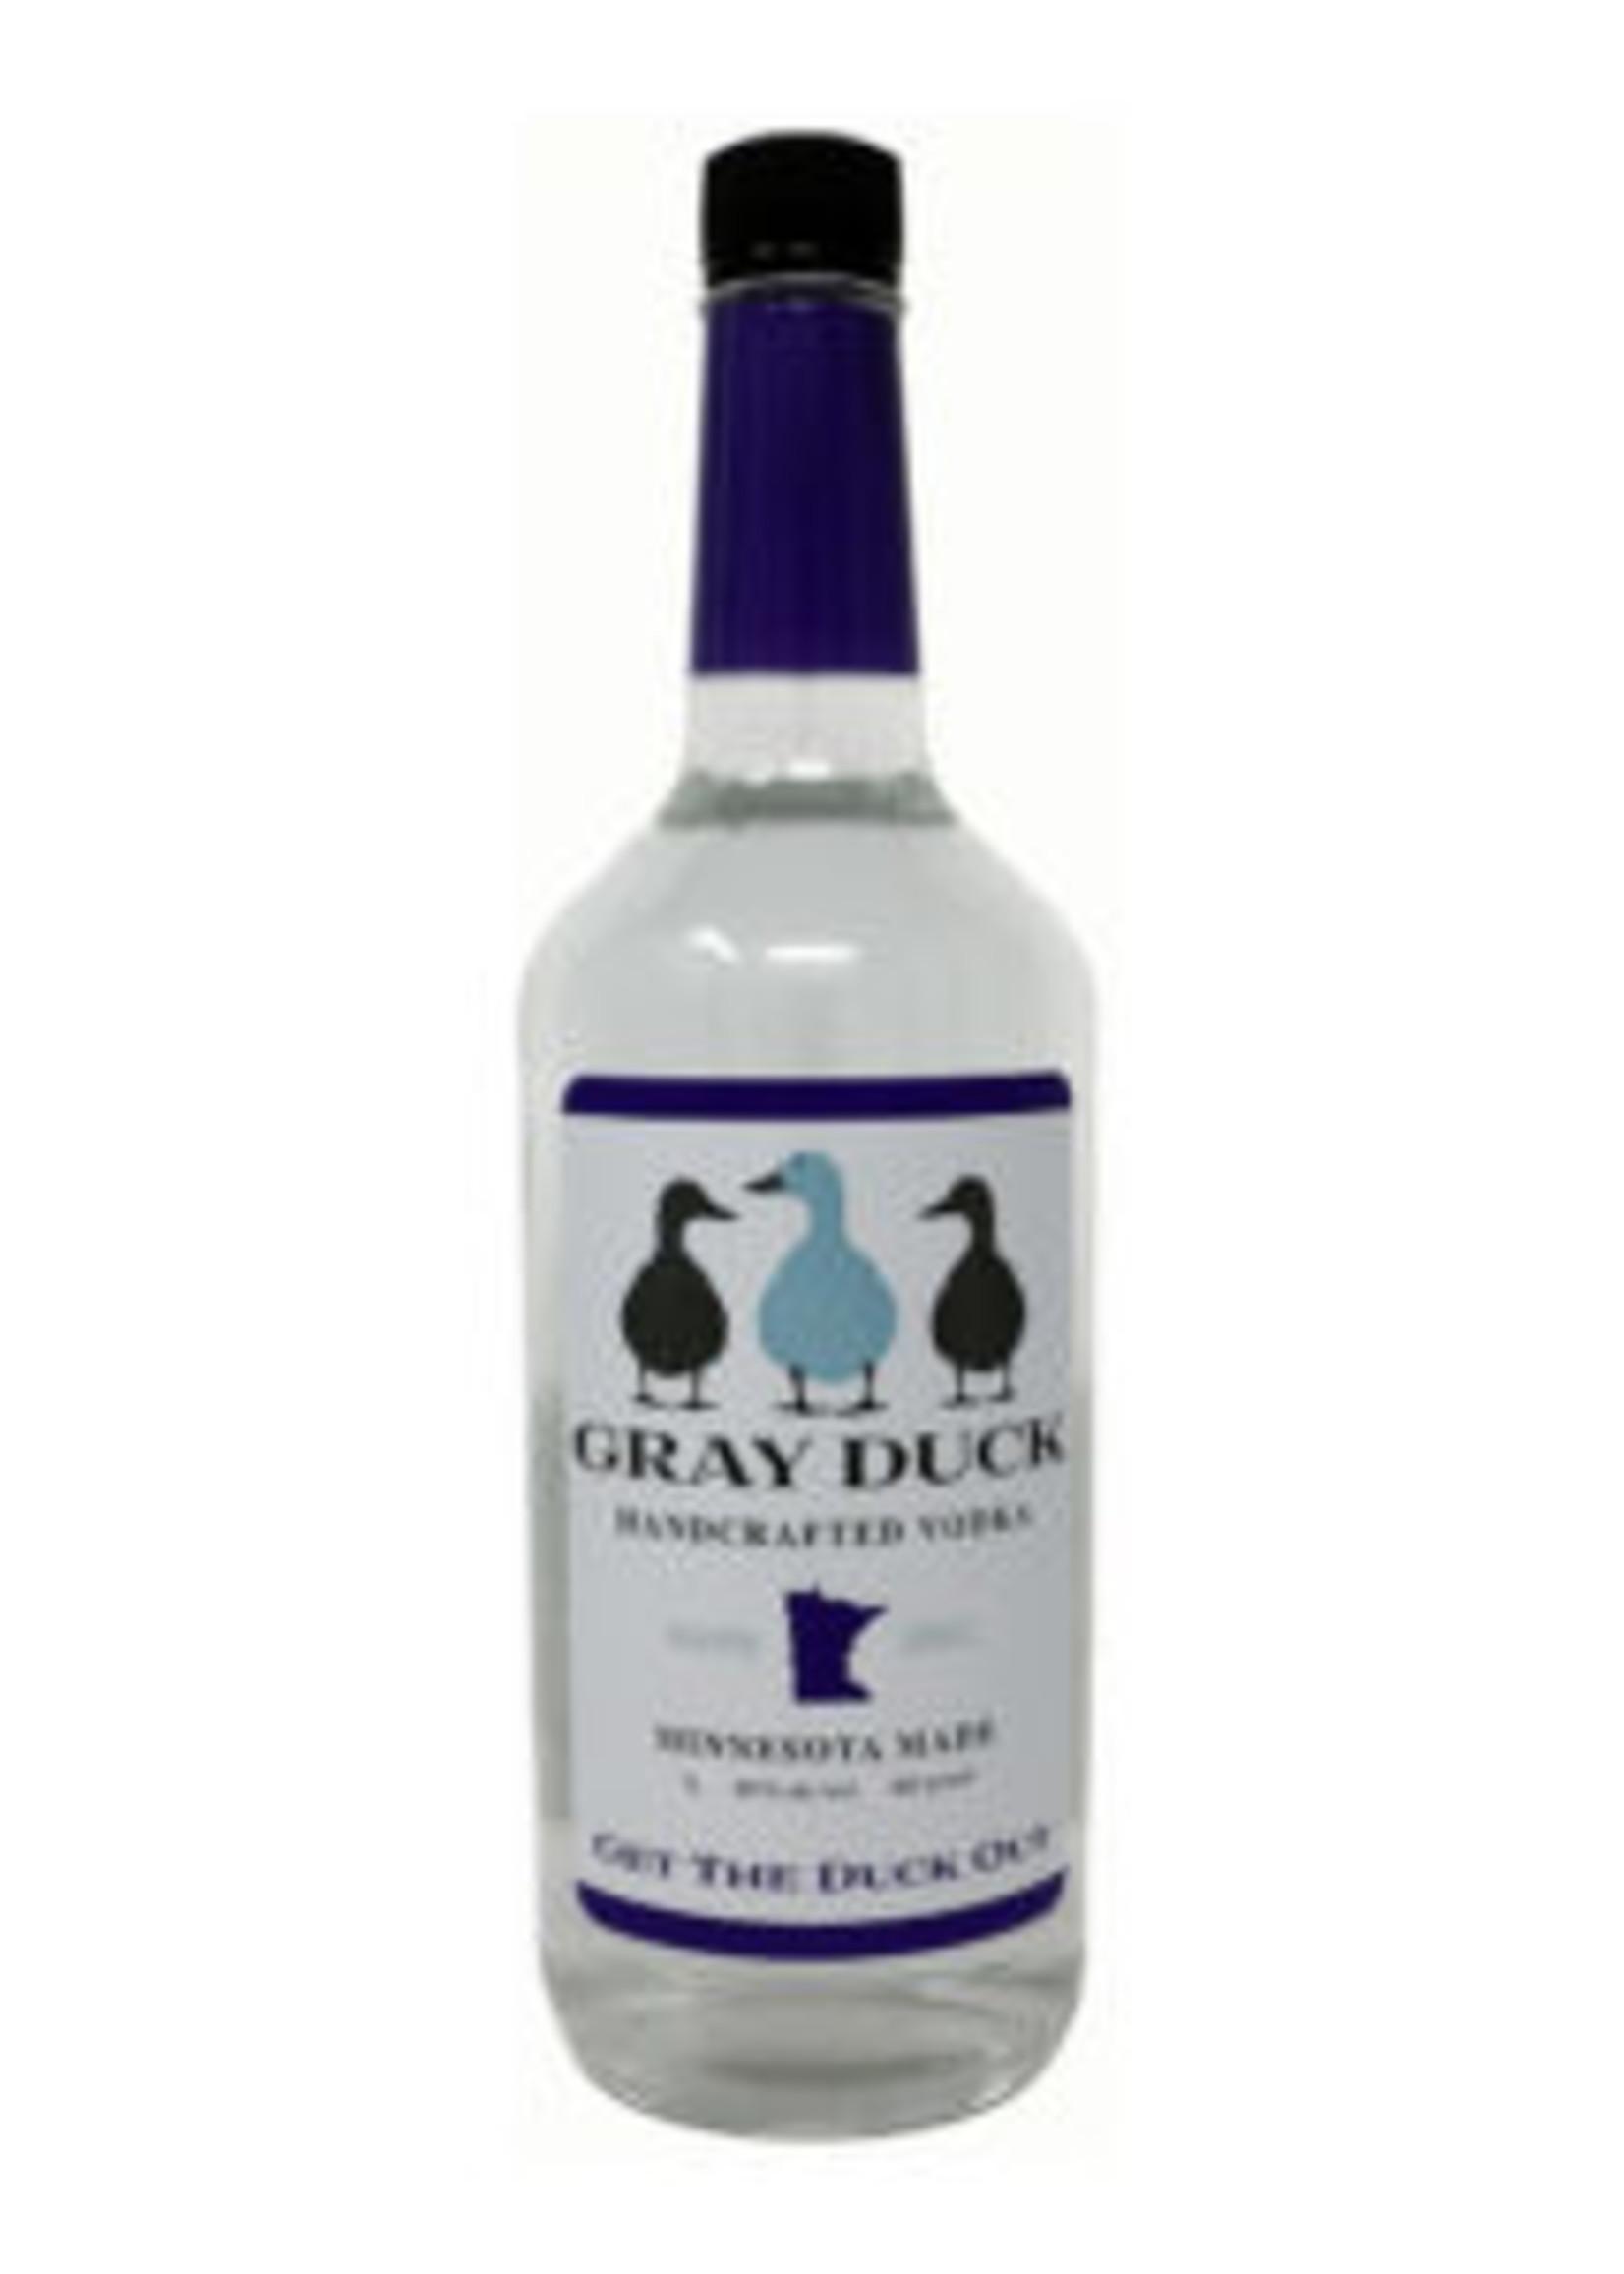 Gray Duck Vodka LTR